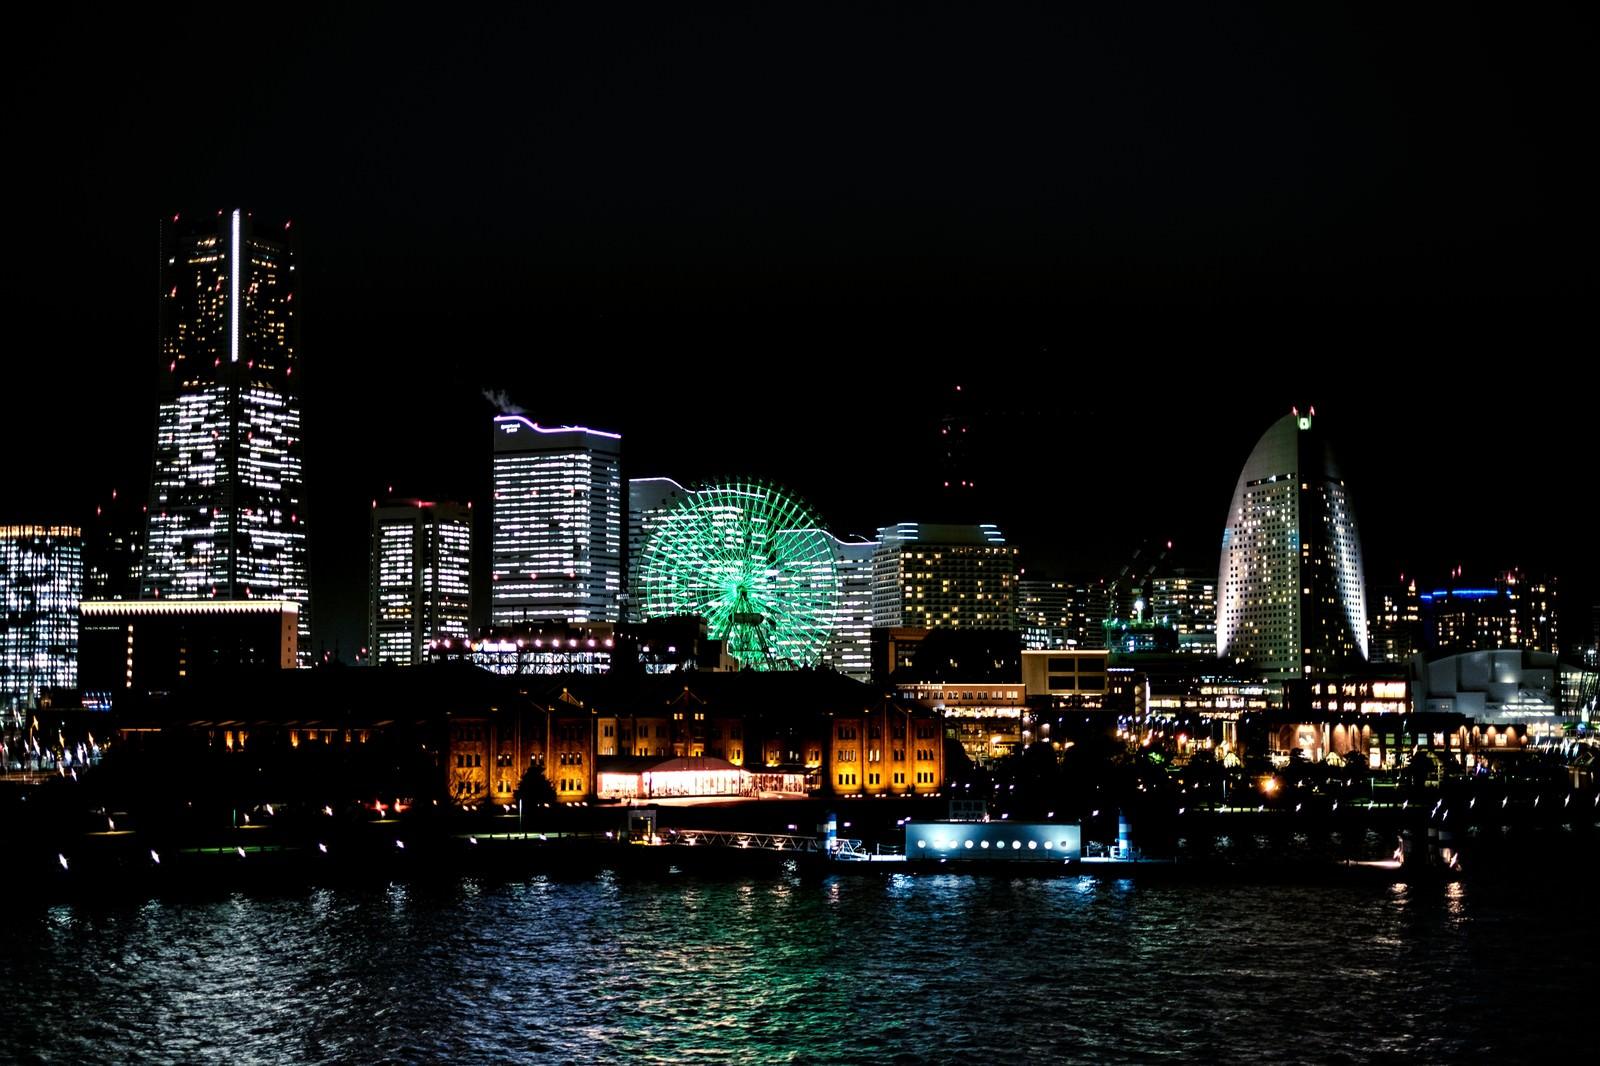 「横浜みなとみらいの夜景横浜みなとみらいの夜景」のフリー写真素材を拡大